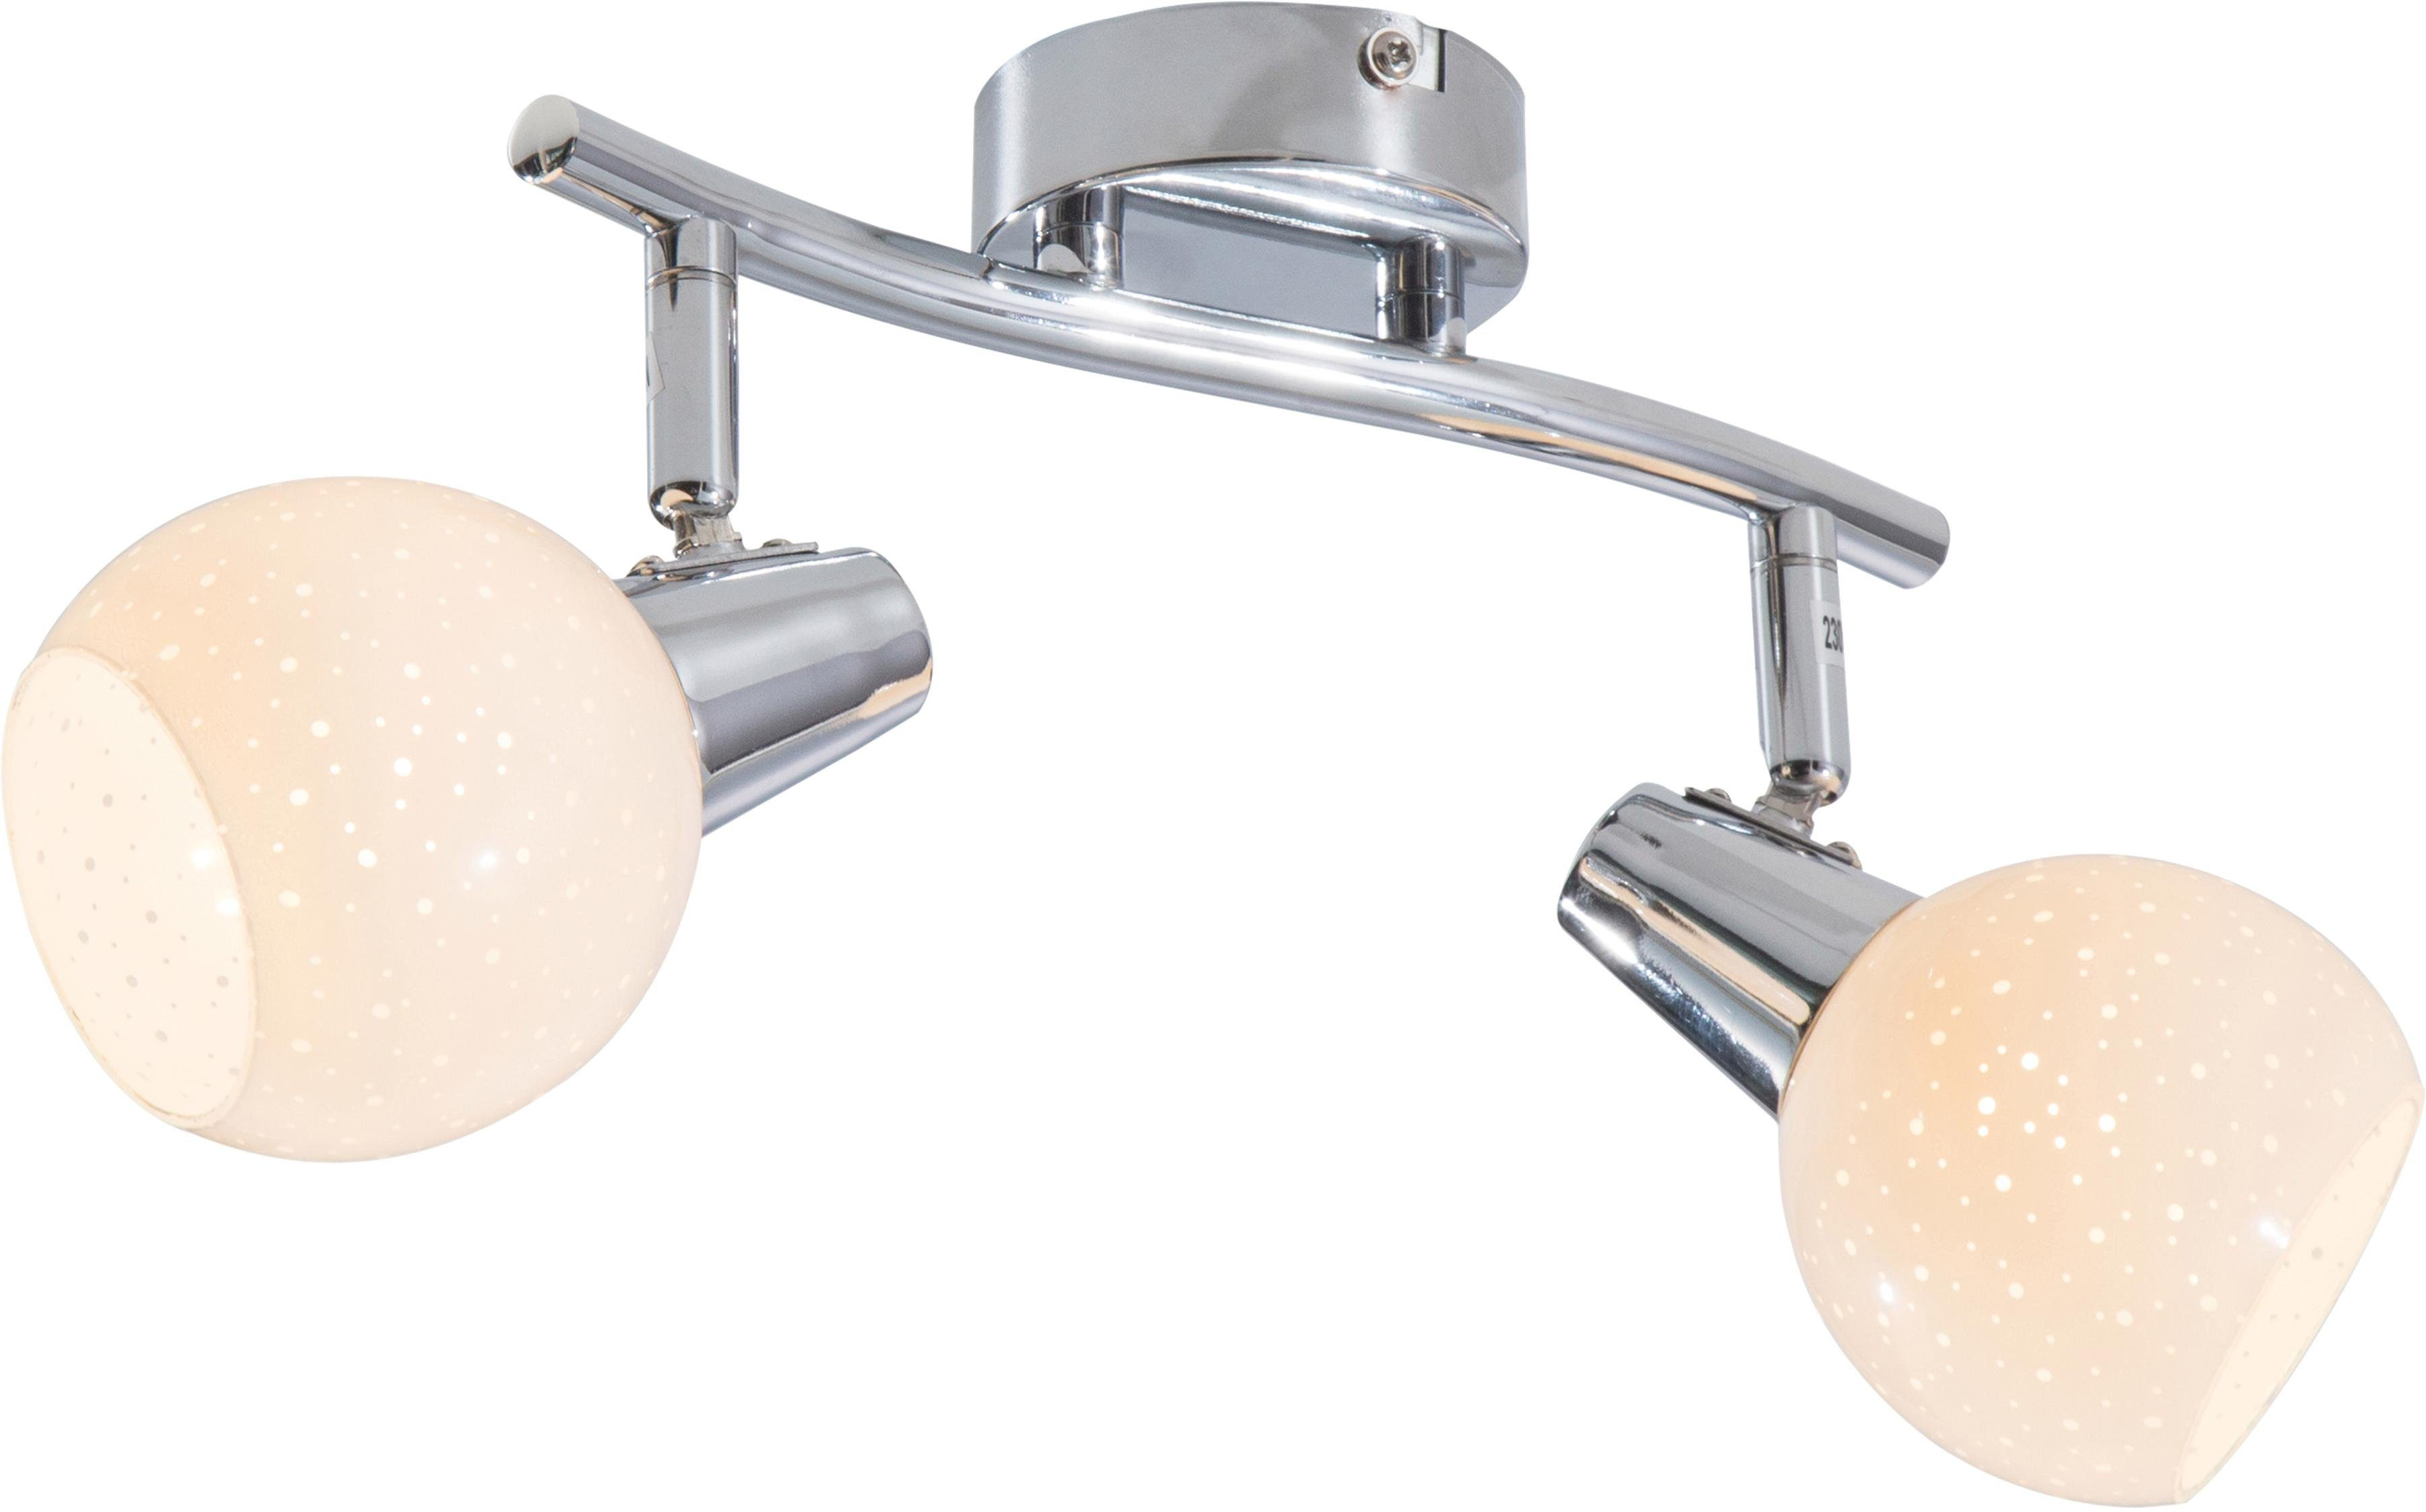 Nino Leuchten LED Deckenstrahler »DOXY«, 2-flammig